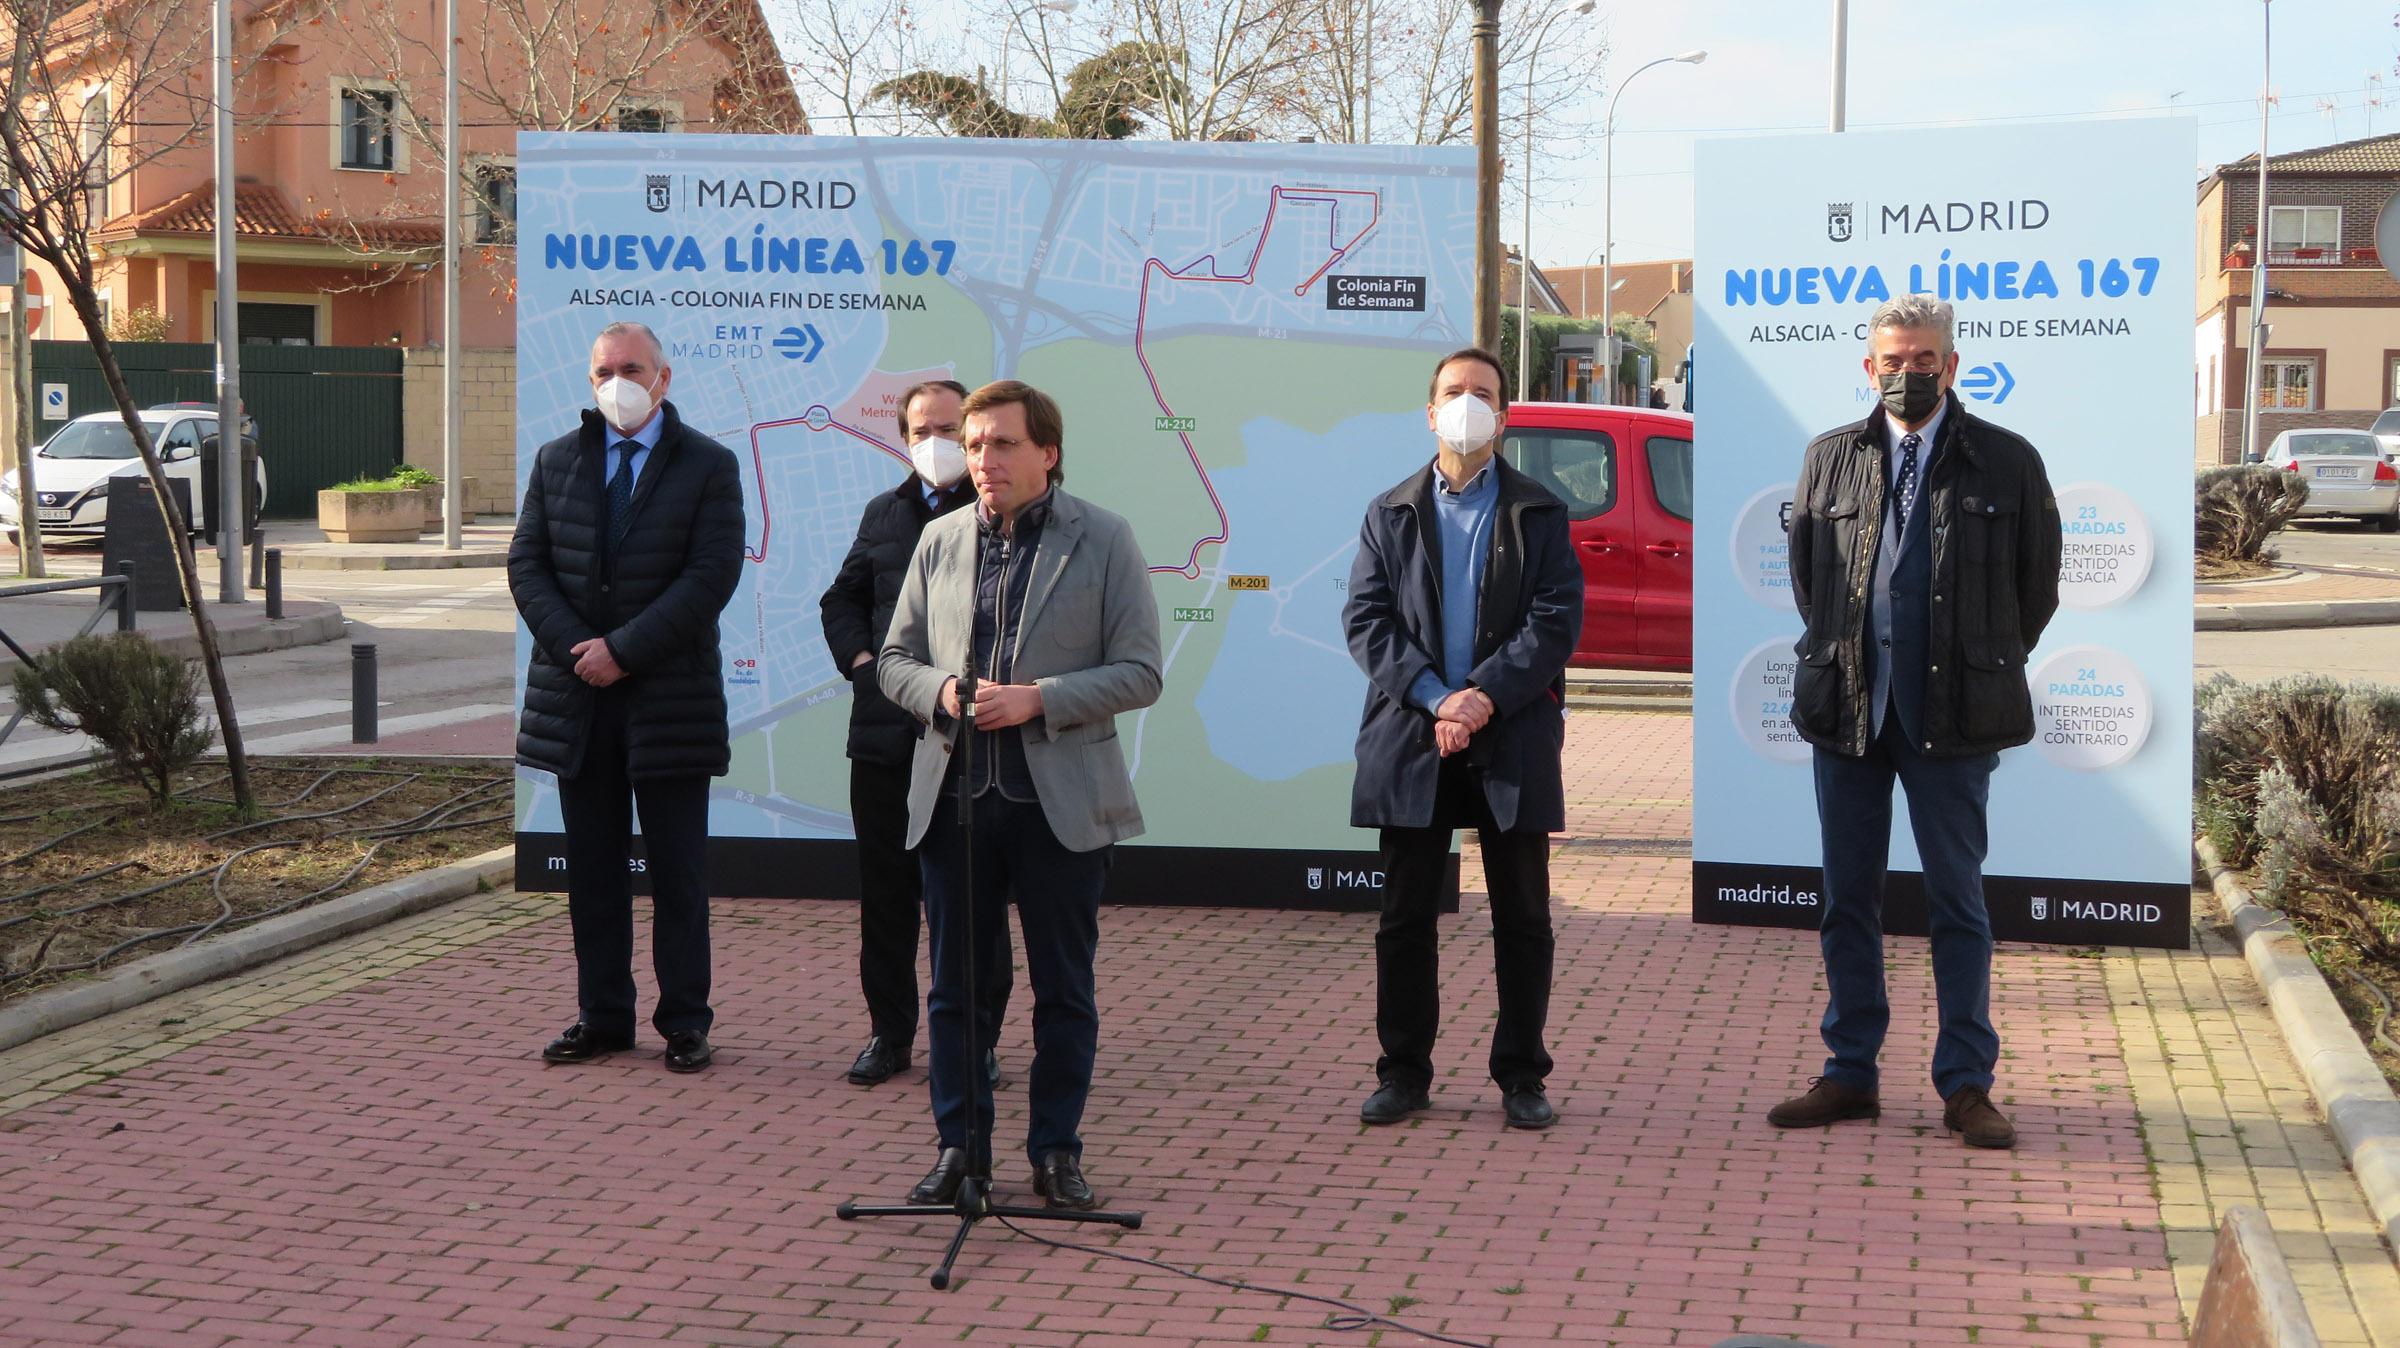 Acto de presentación nueva linea 167 de bus.